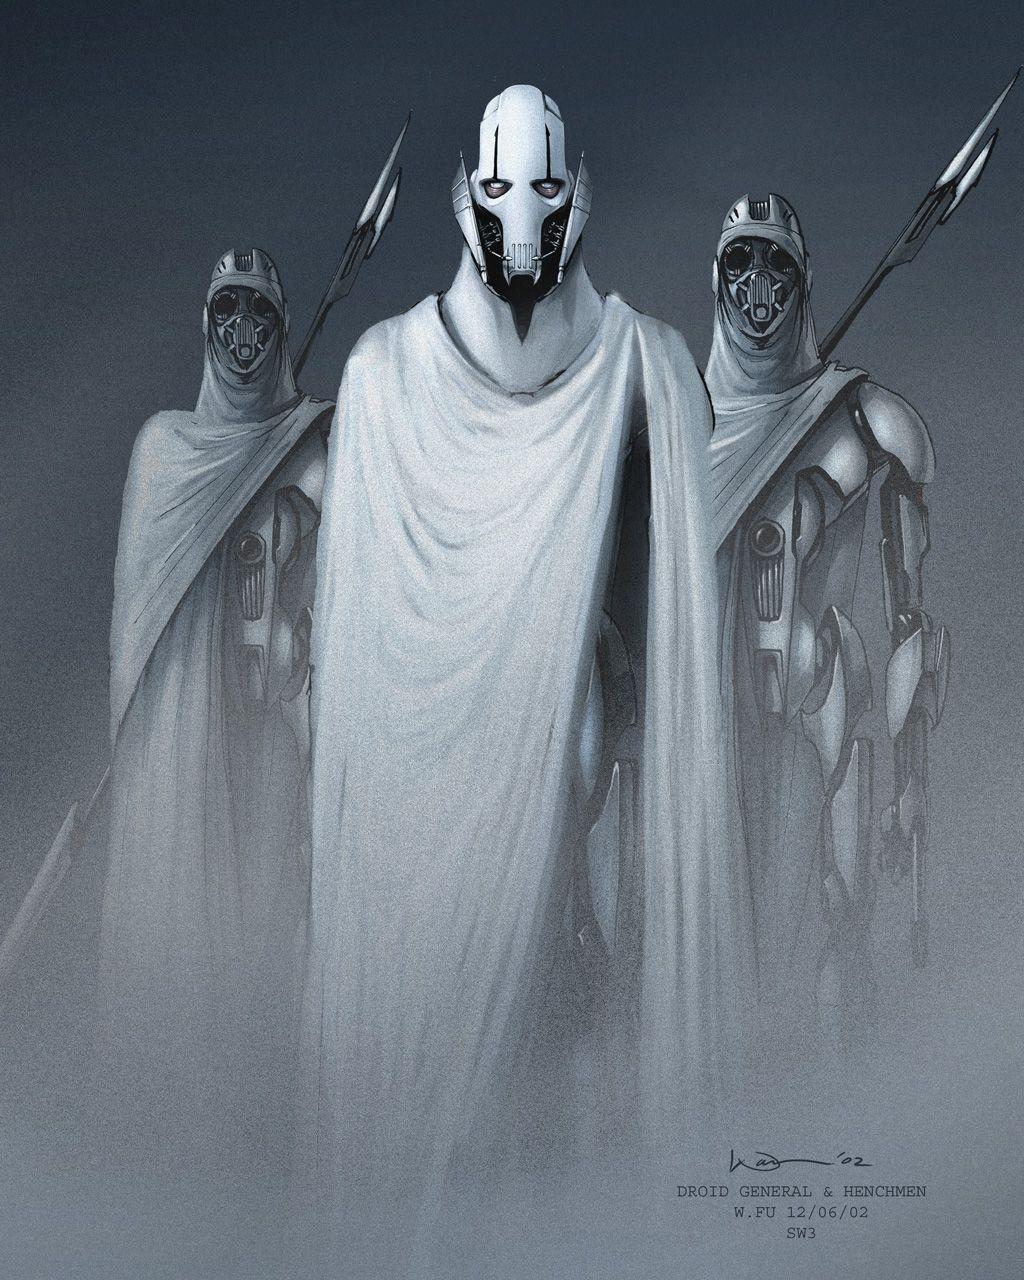 General Grievous Wallpaper: General Grievous And Henchmen (Magnaguard) Concept Art By